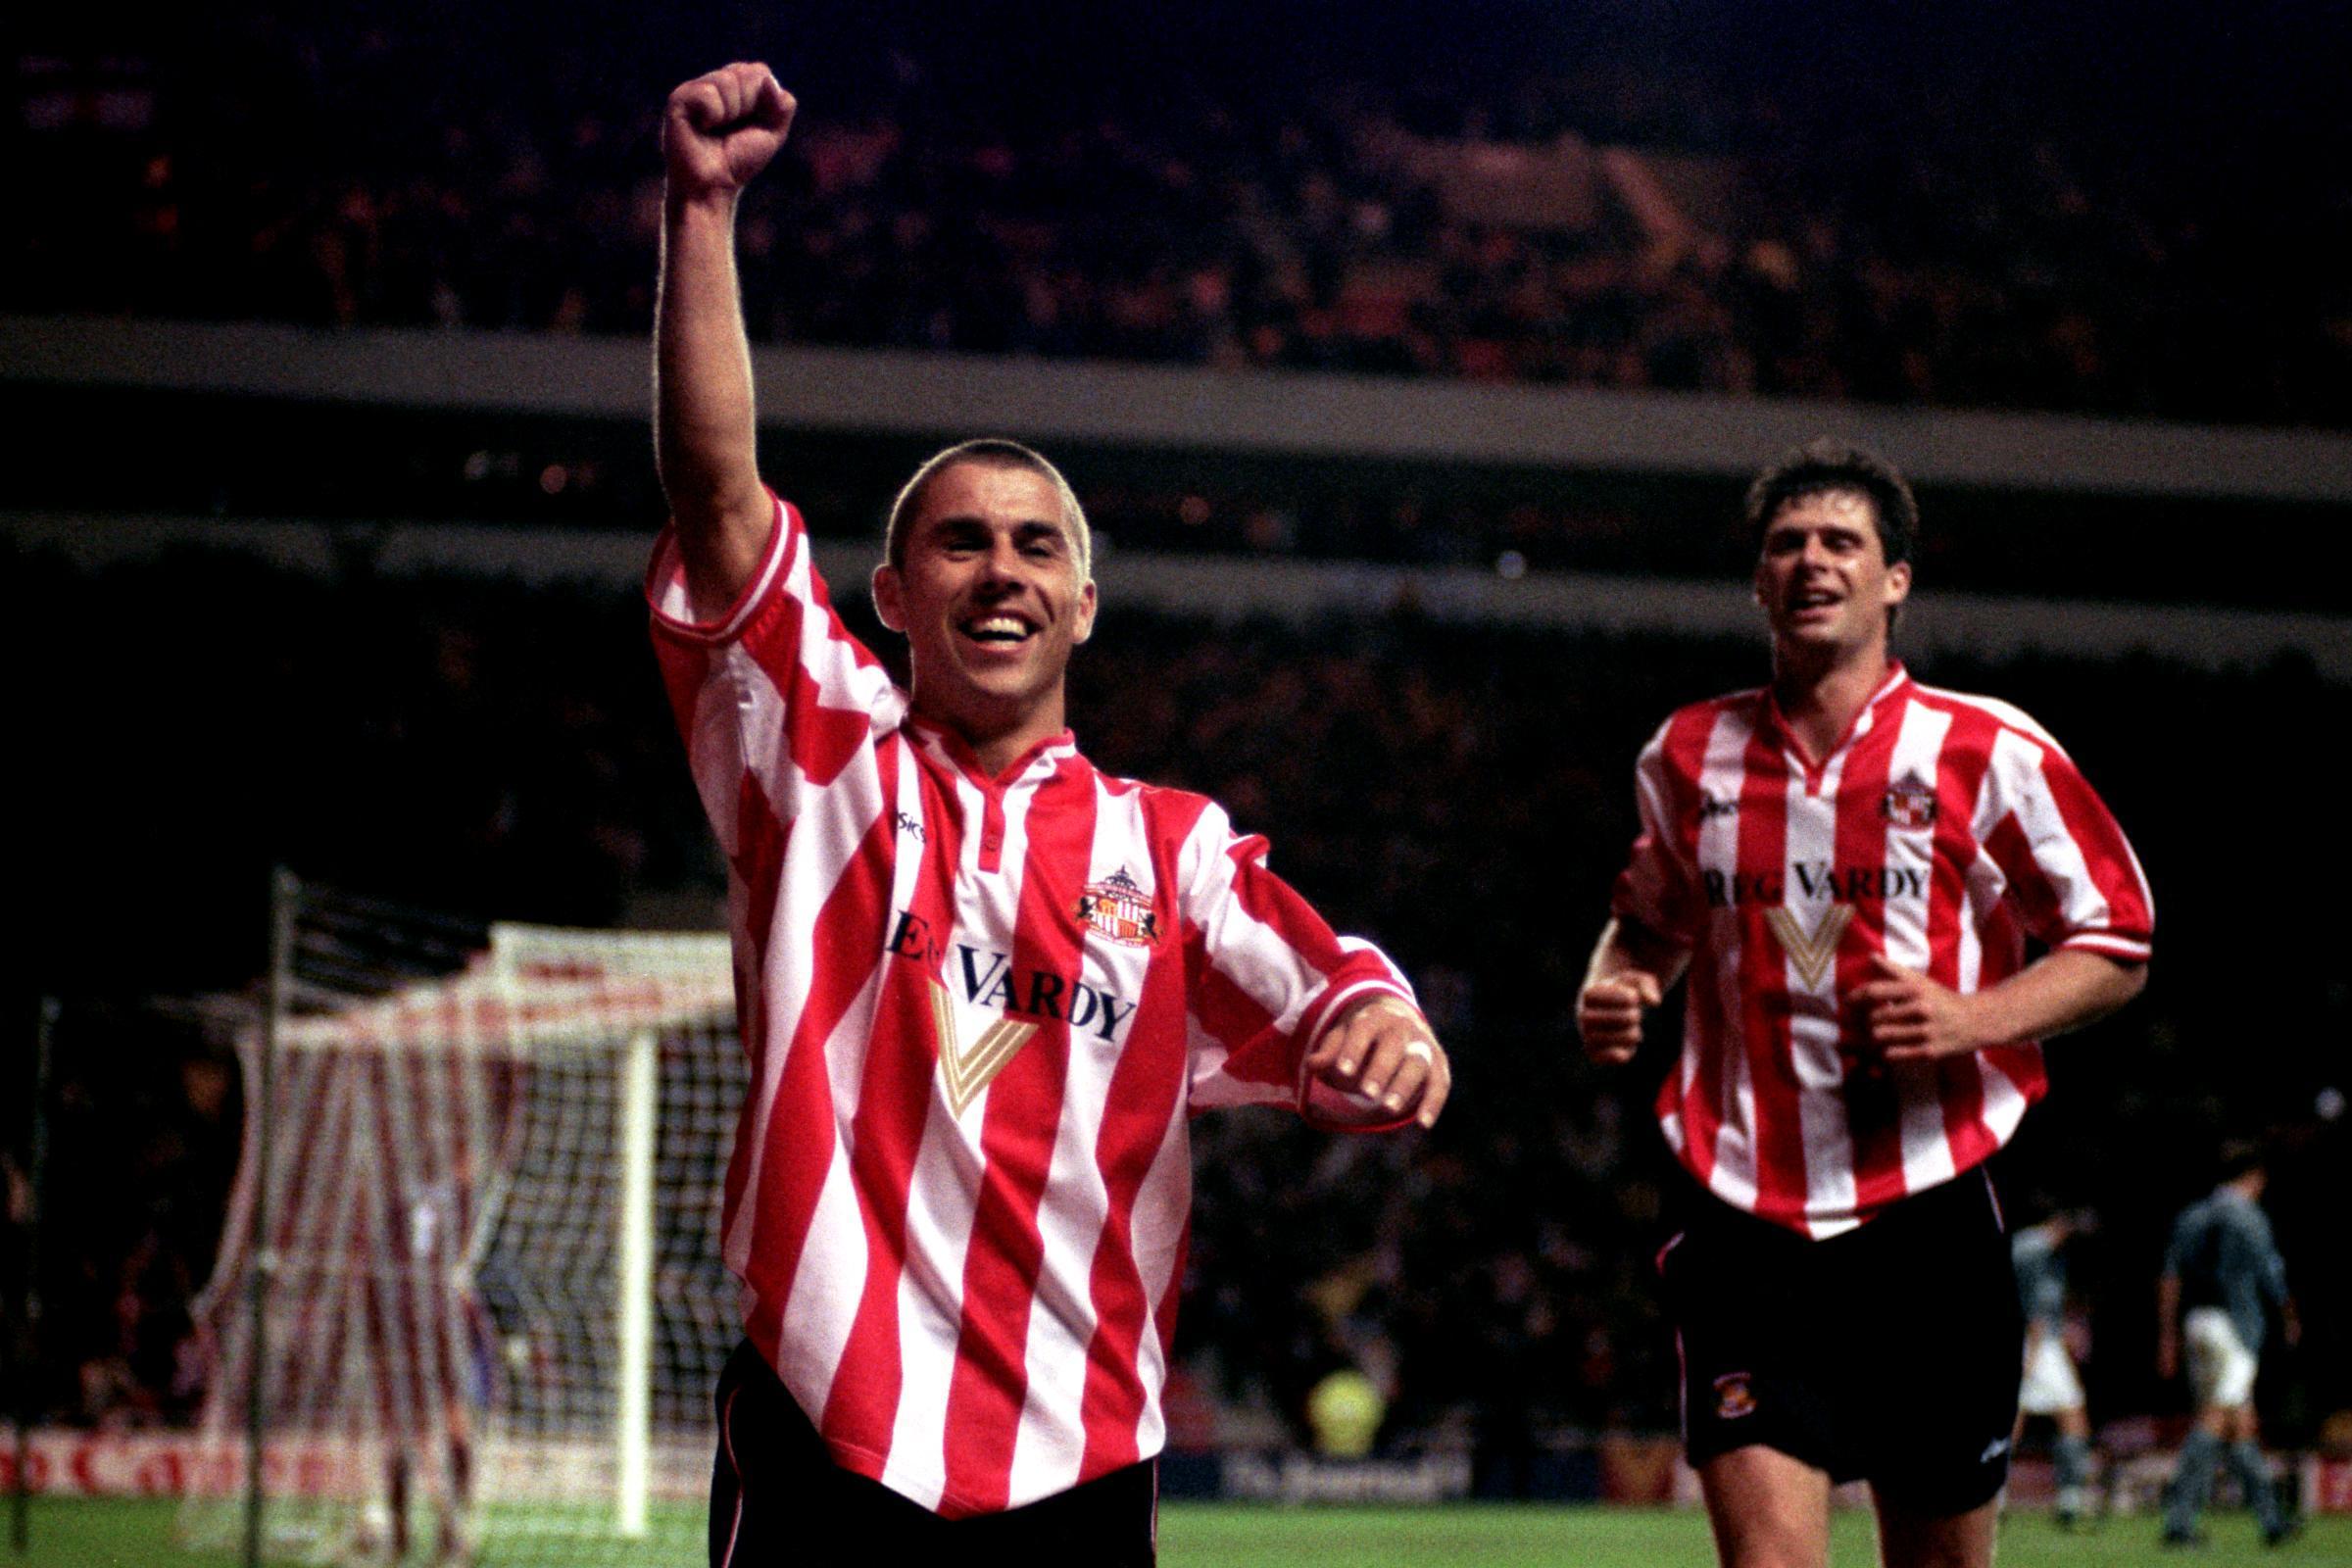 Soccer - FA Carling Premiership - Sunderland v Aston Villa